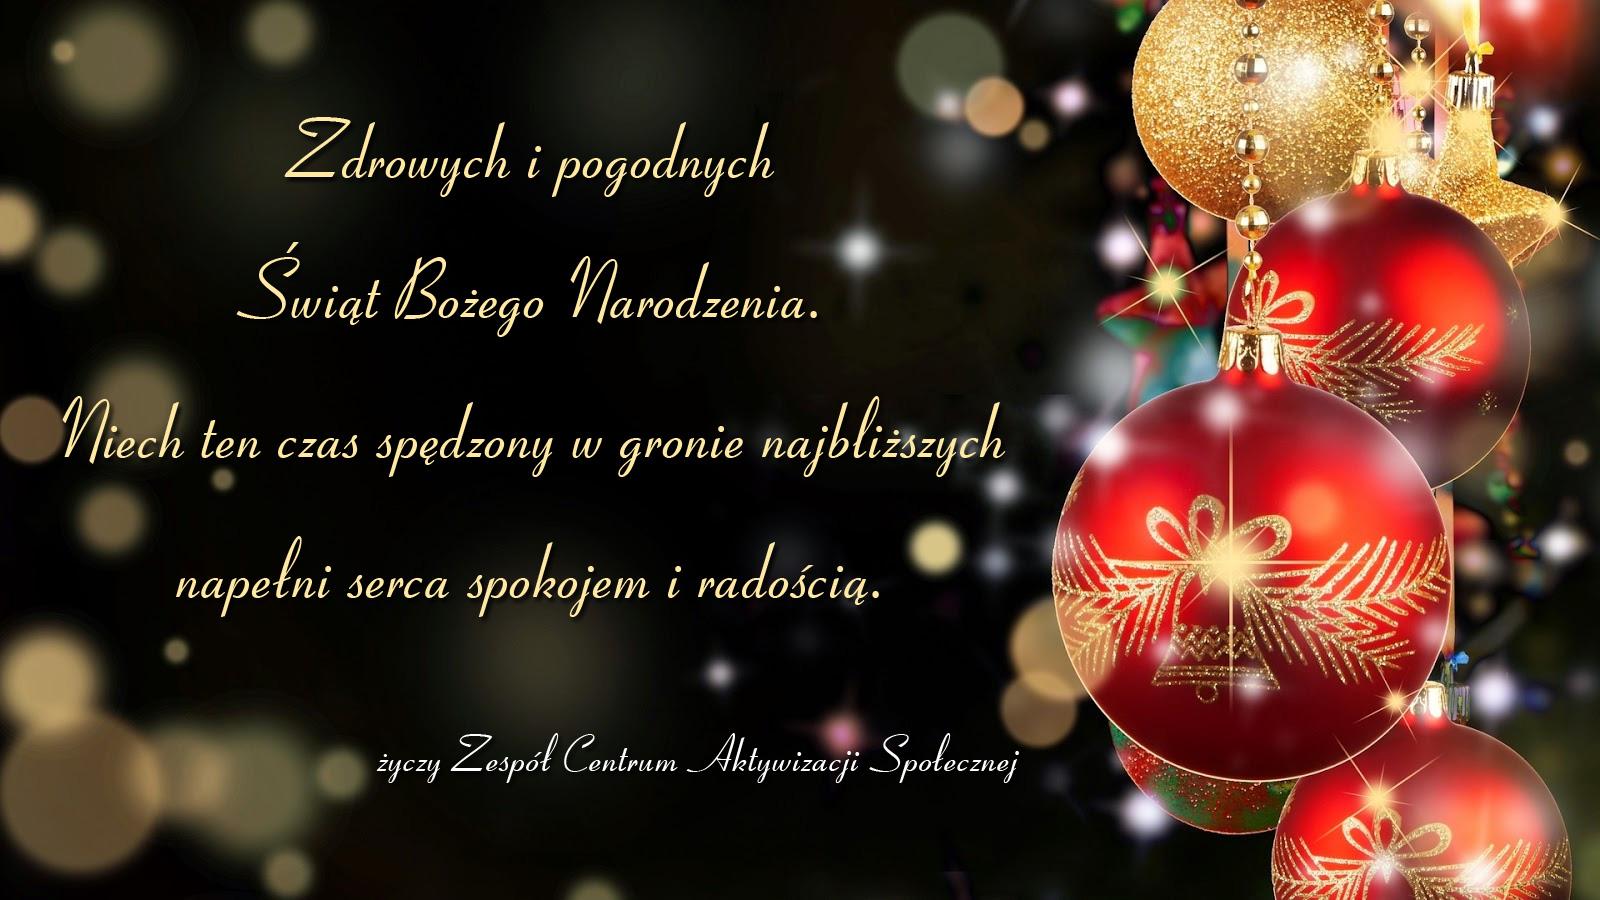 Zdrowych i pogodnych Świąt Bożego Narodzenia. Niech ten czas spędzony w gronie najbliższych napełni serca spokojem i radością.